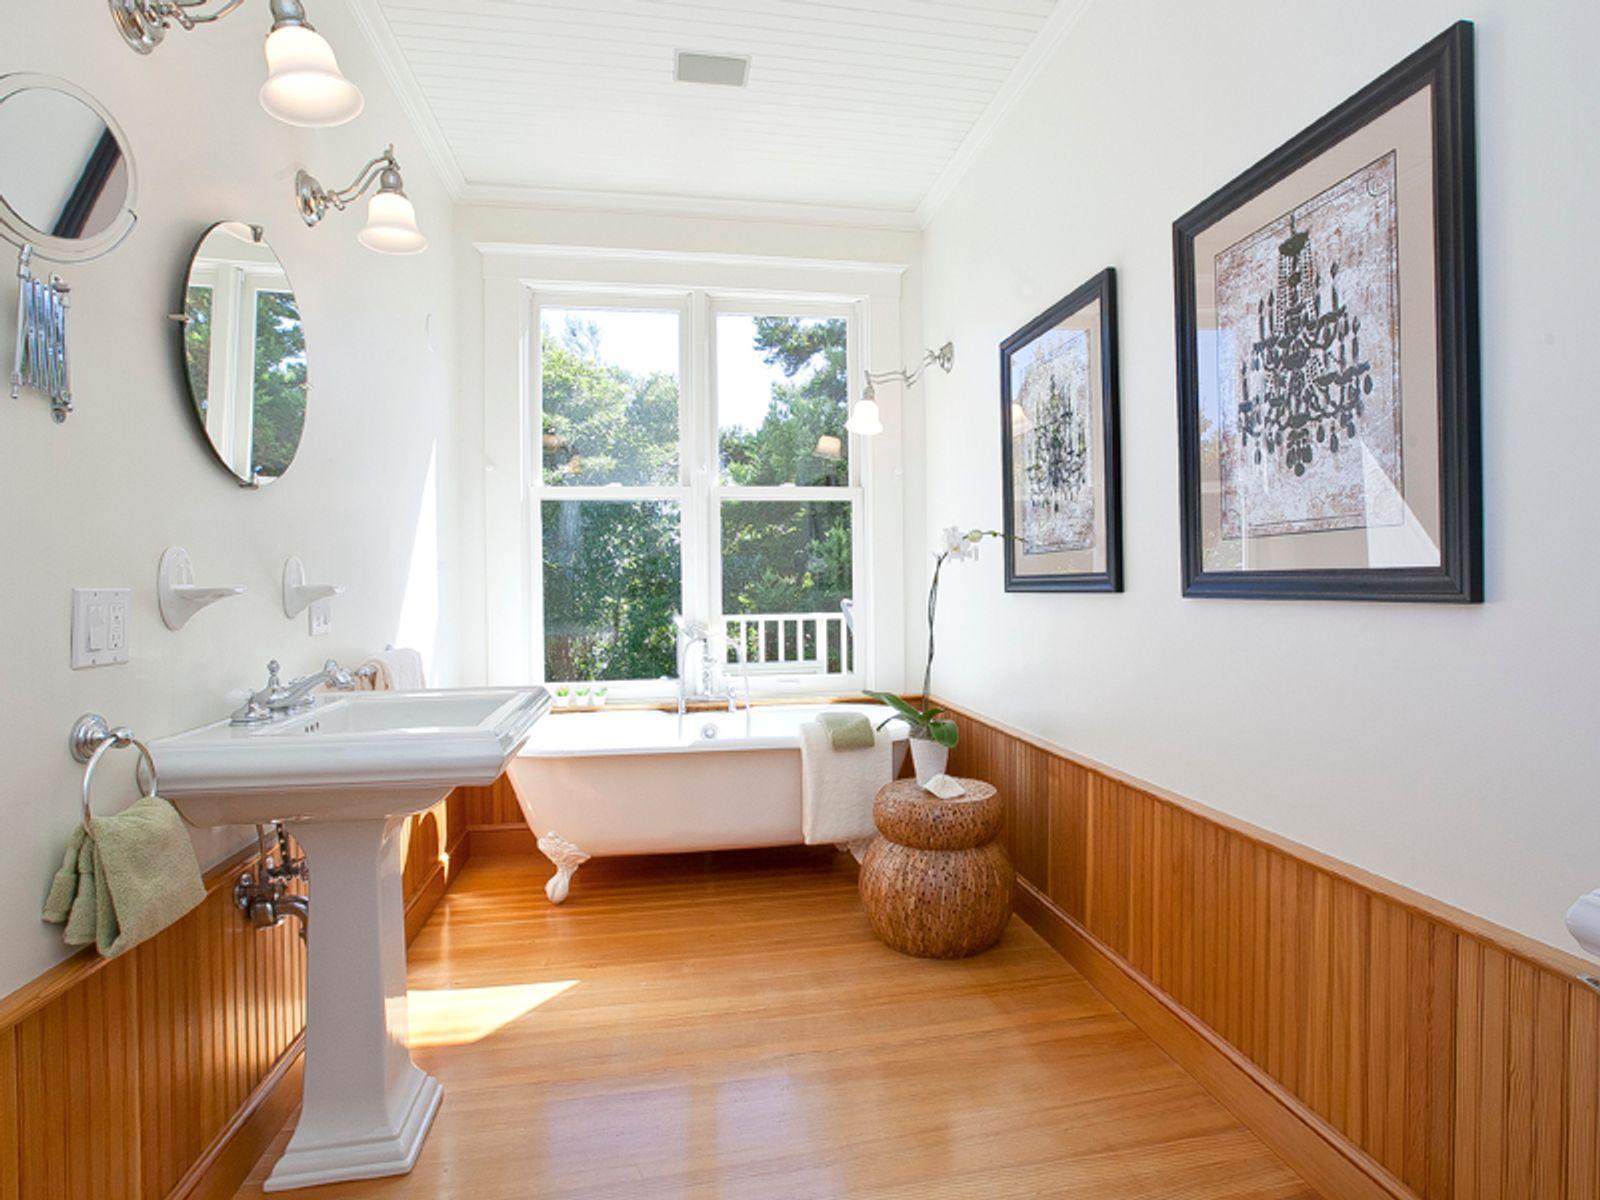 Exquisite Custom Arts & Crafts Home